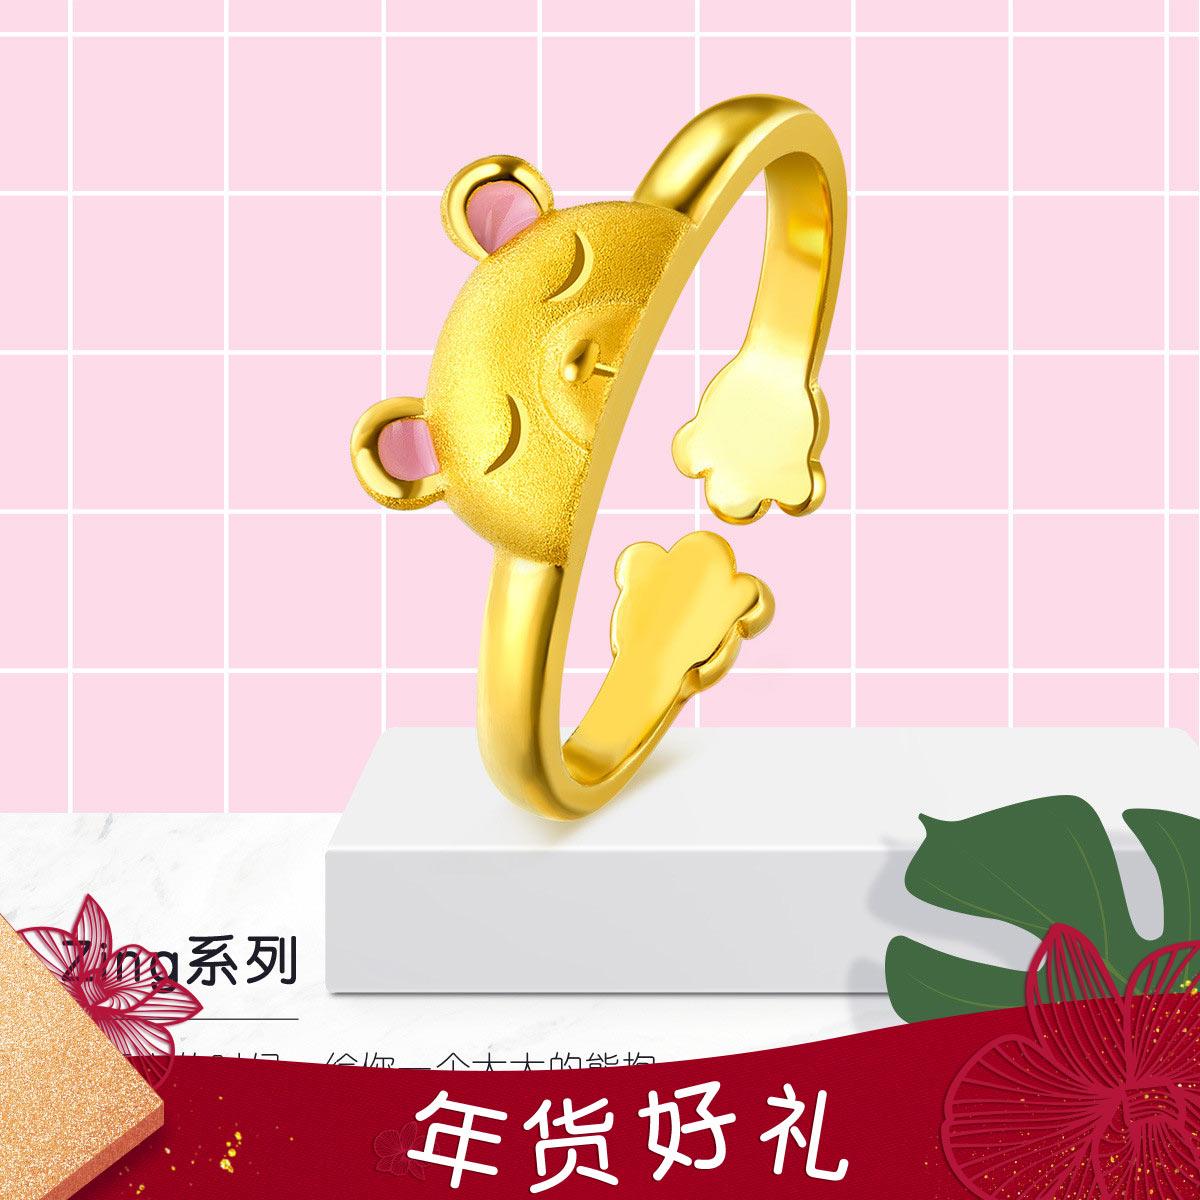 六福珠宝六福珠宝zing系列温暖熊抱珐琅工艺黄金戒指开口女戒计价GDGTBR0020